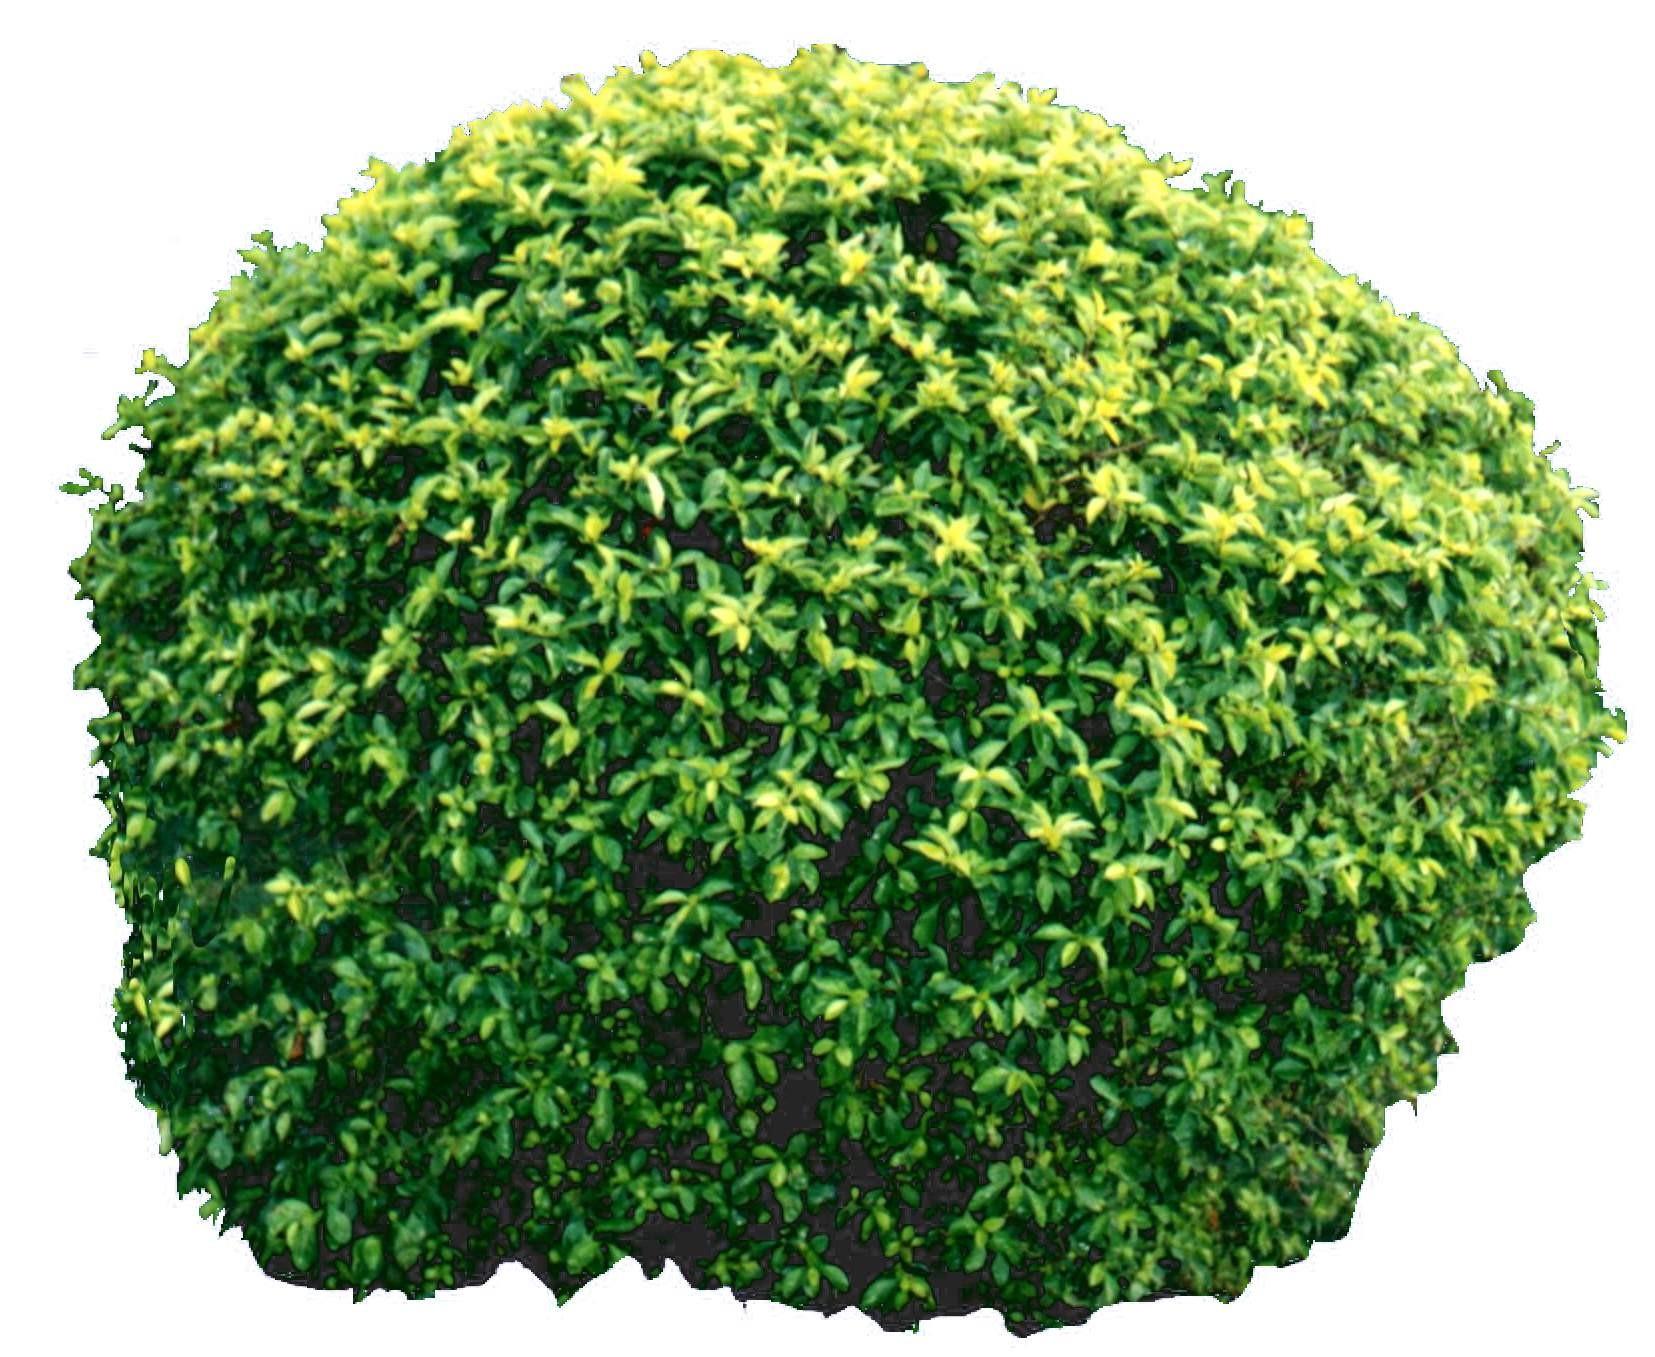 灌木贴图材质图片贰零零